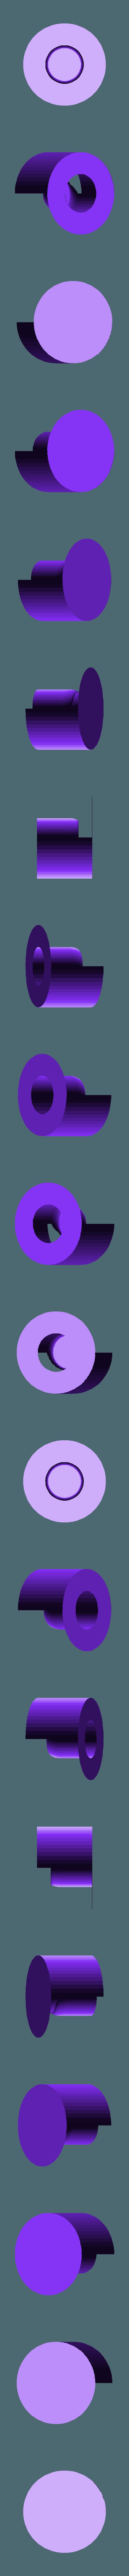 RPiWM_RPi_Cap.stl Télécharger fichier STL gratuit Kit de fixation murale Raspberry Pi • Objet pour impression 3D, nullgel